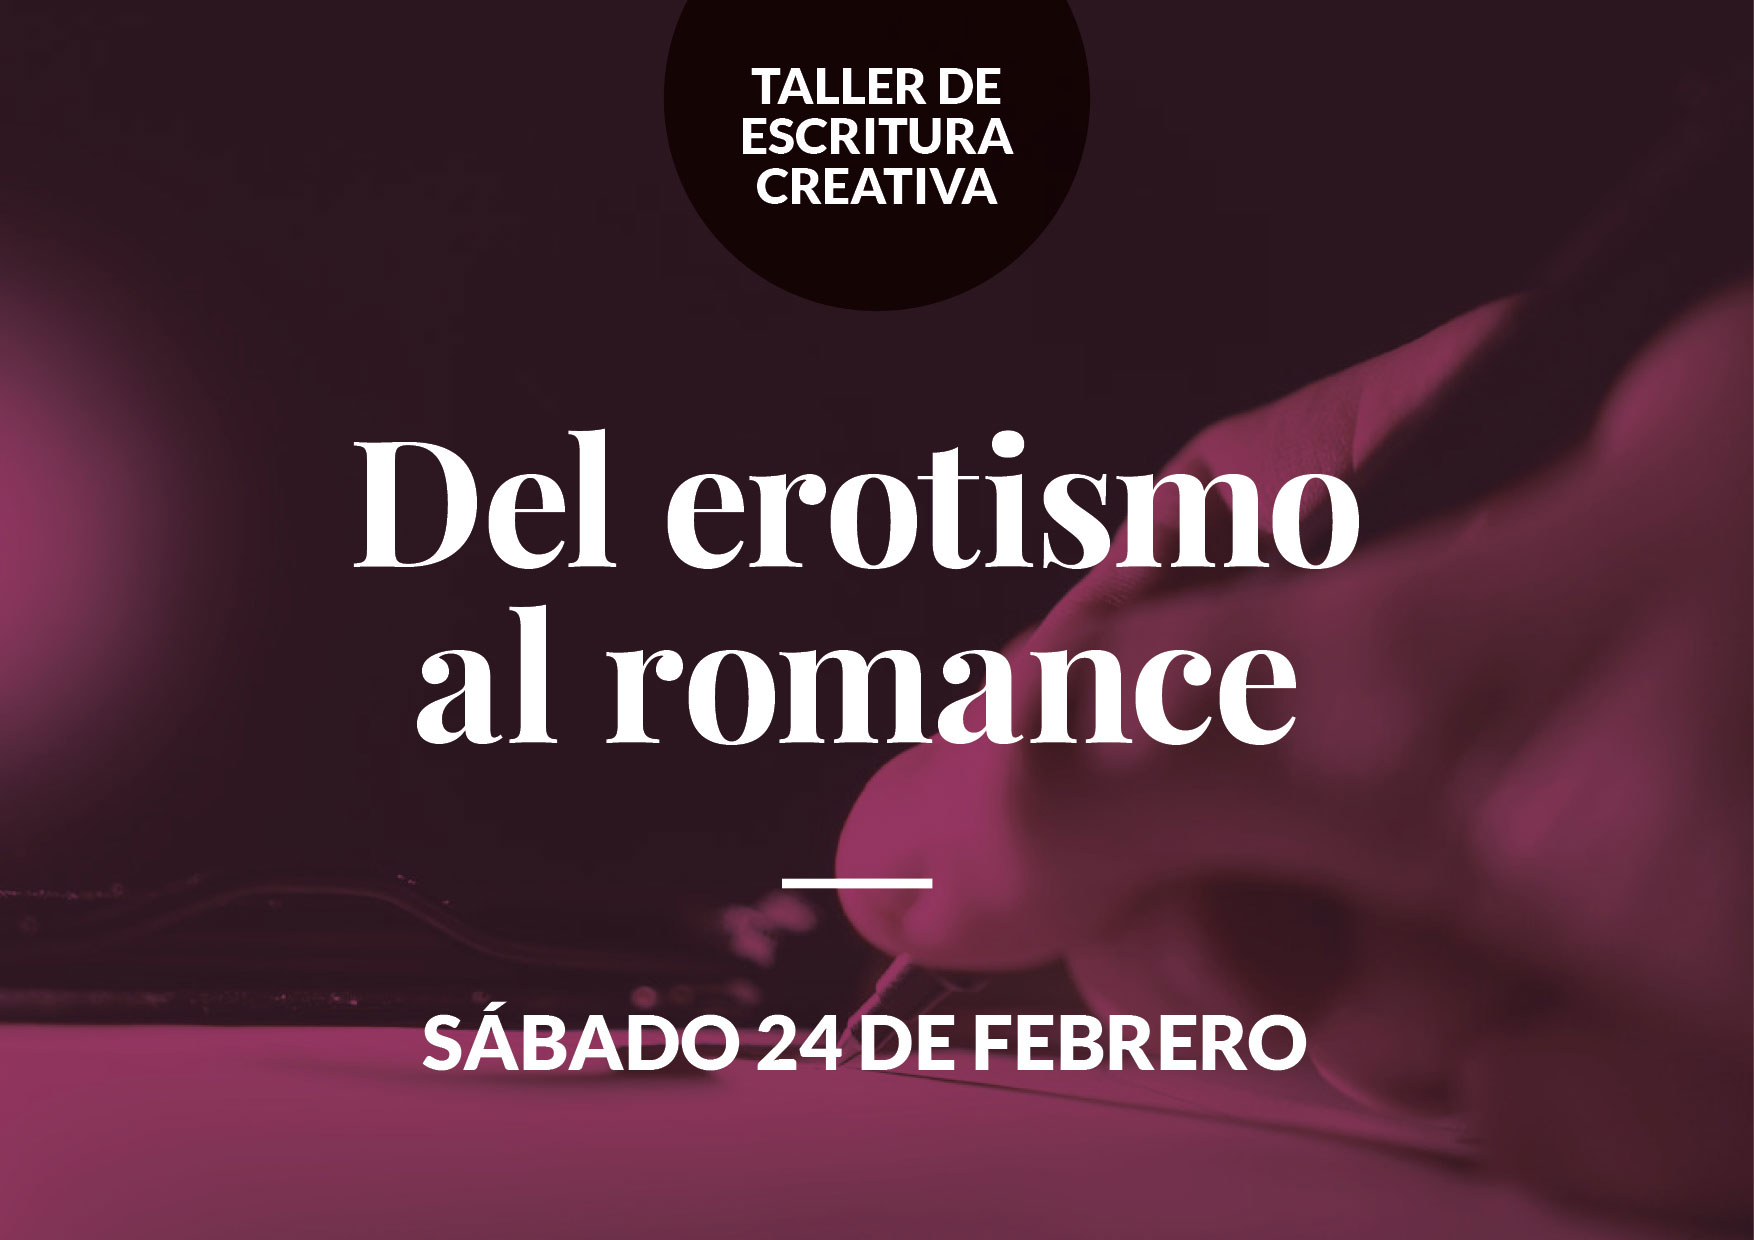 Del erotismo al romance